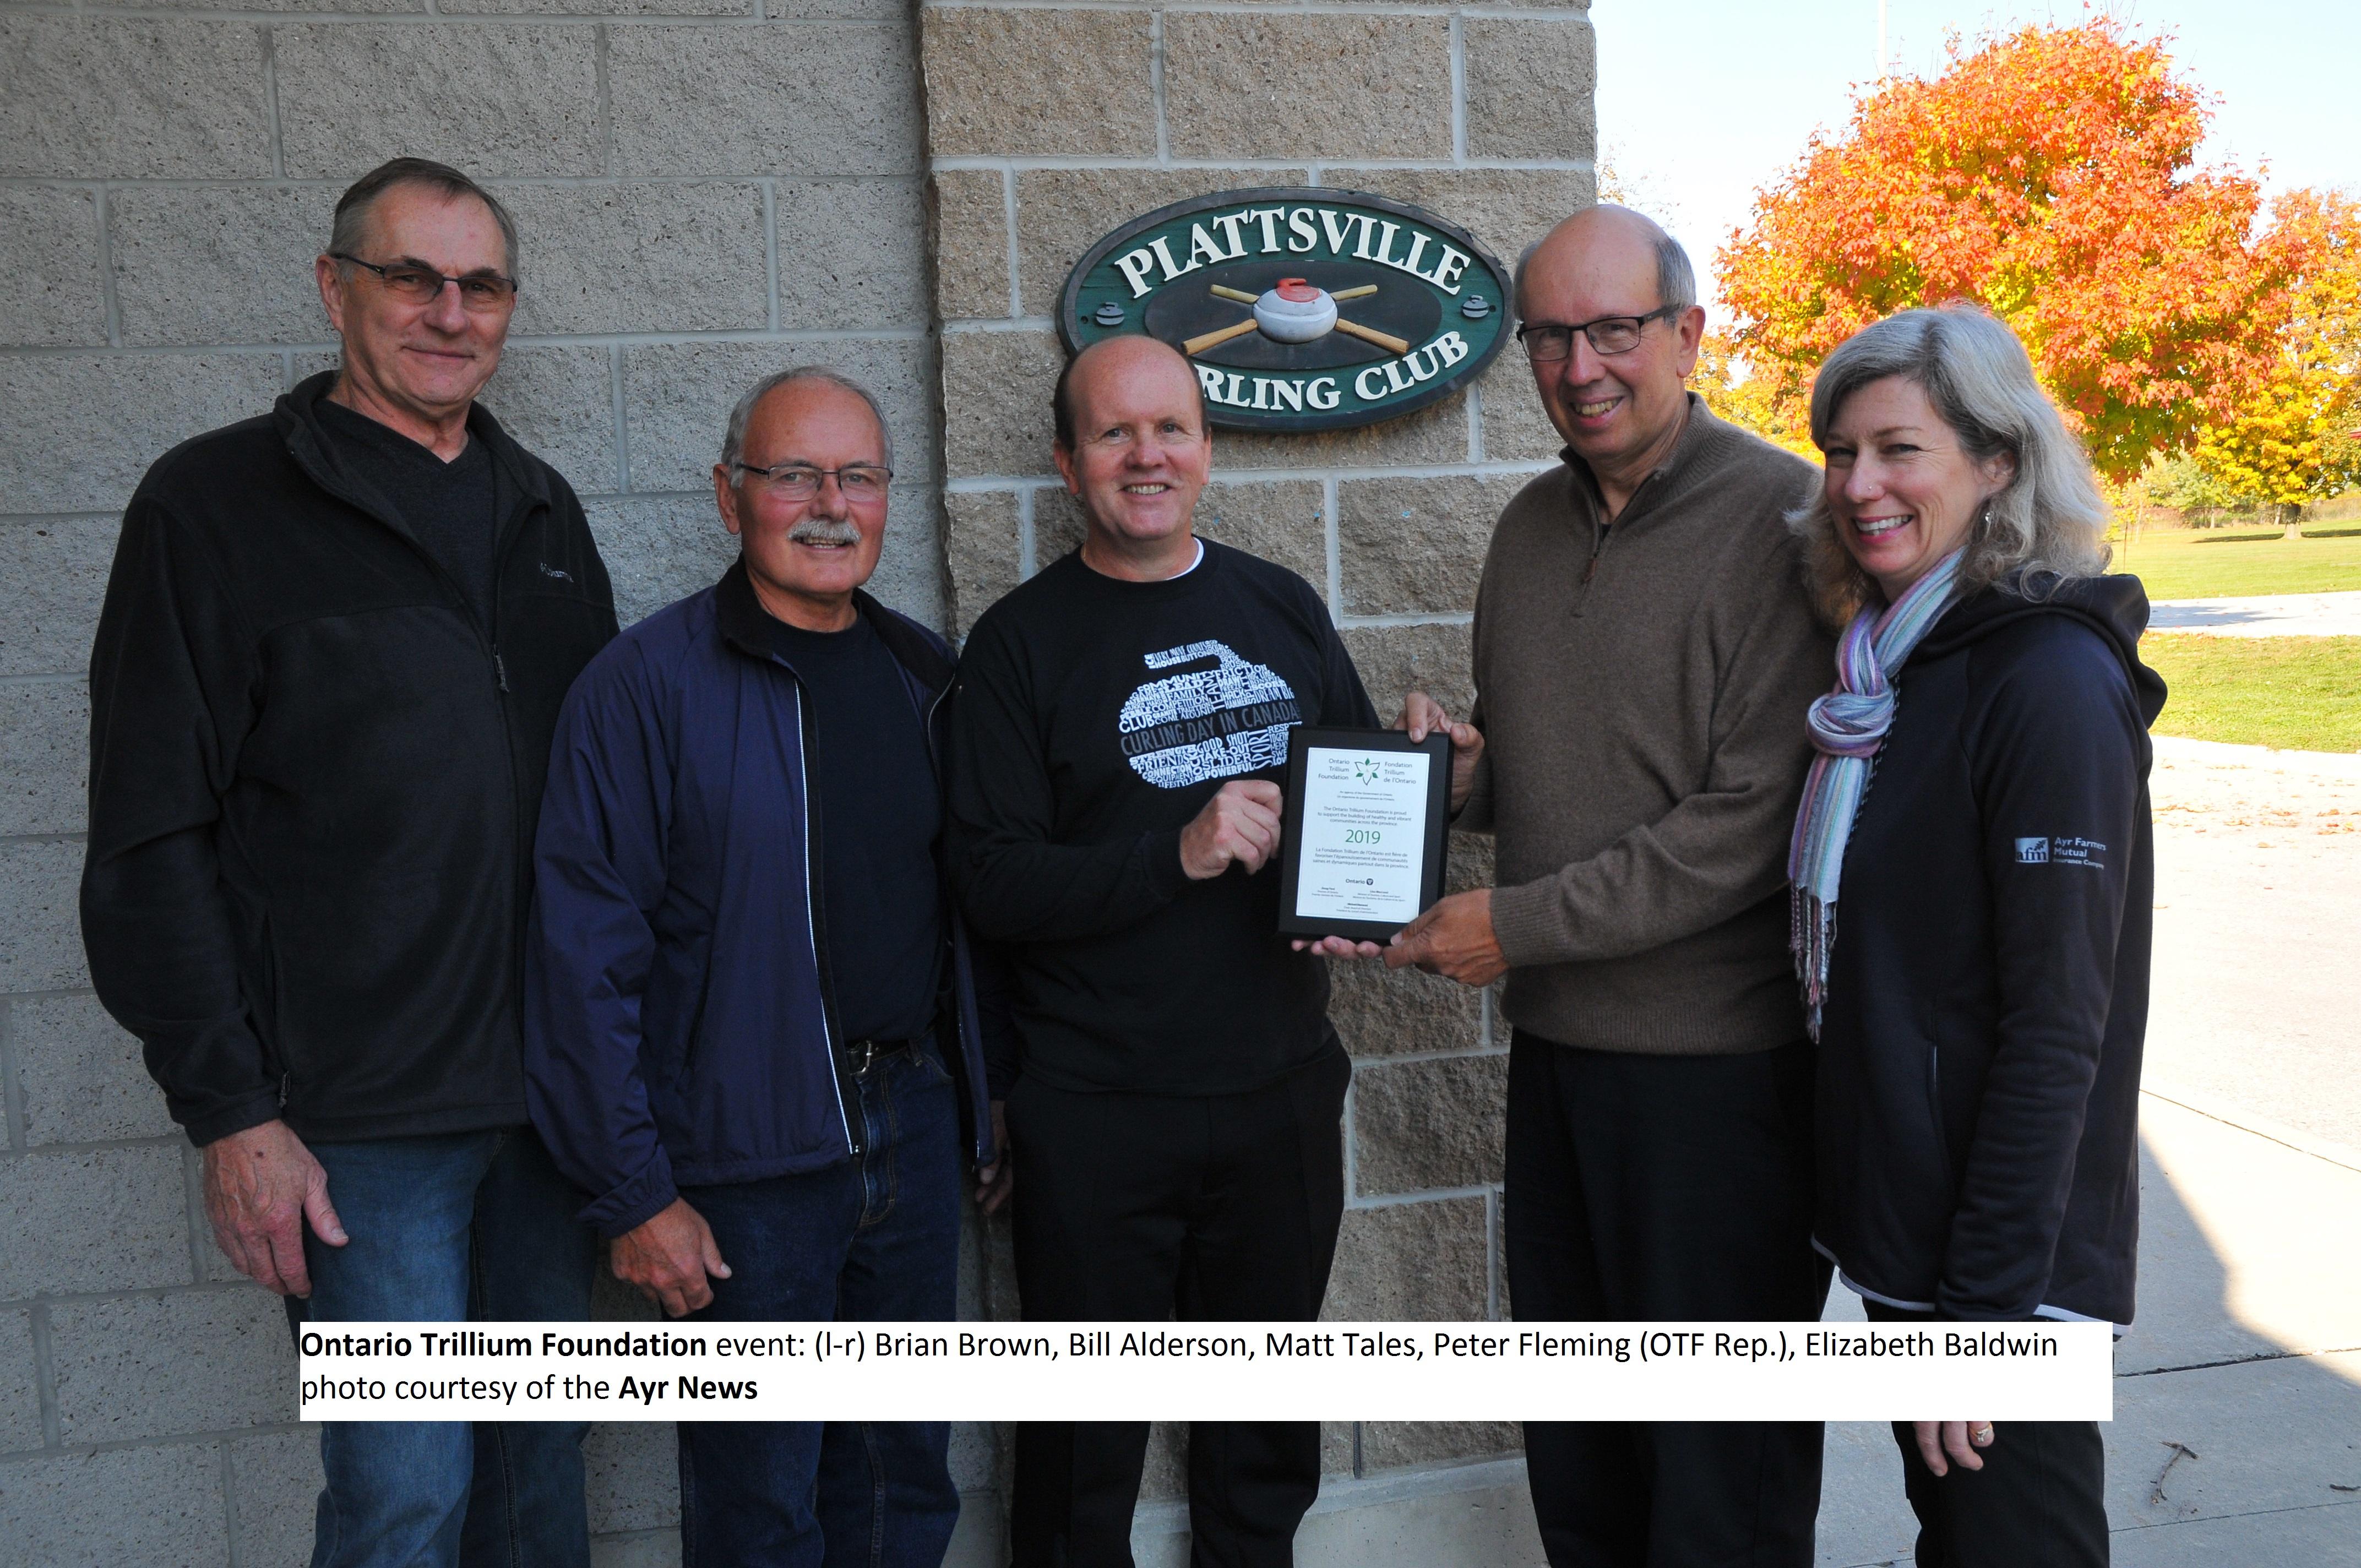 2019 Ontario Trillium Foundation event